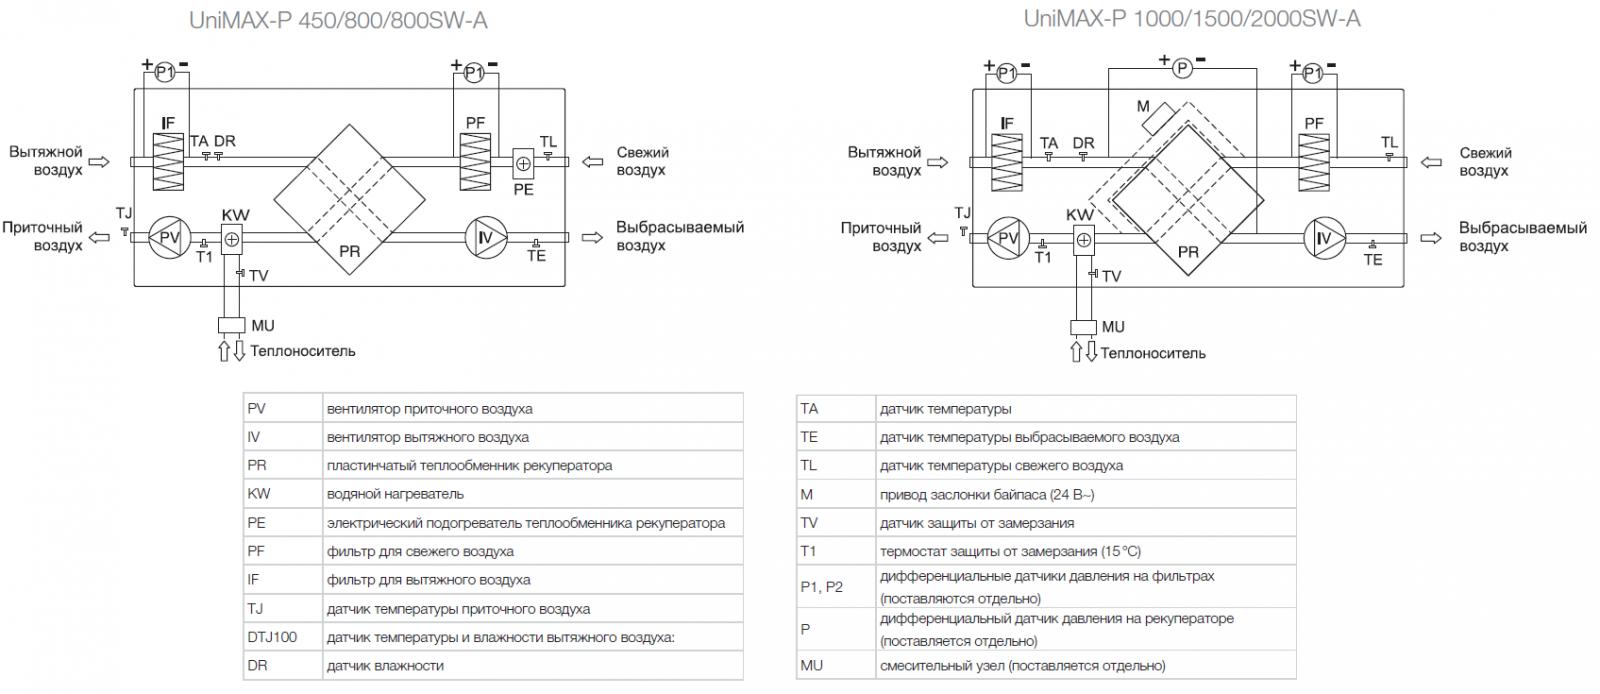 Принципиальная схема приточно-вытяжной установки Shuft Unimax-P SW